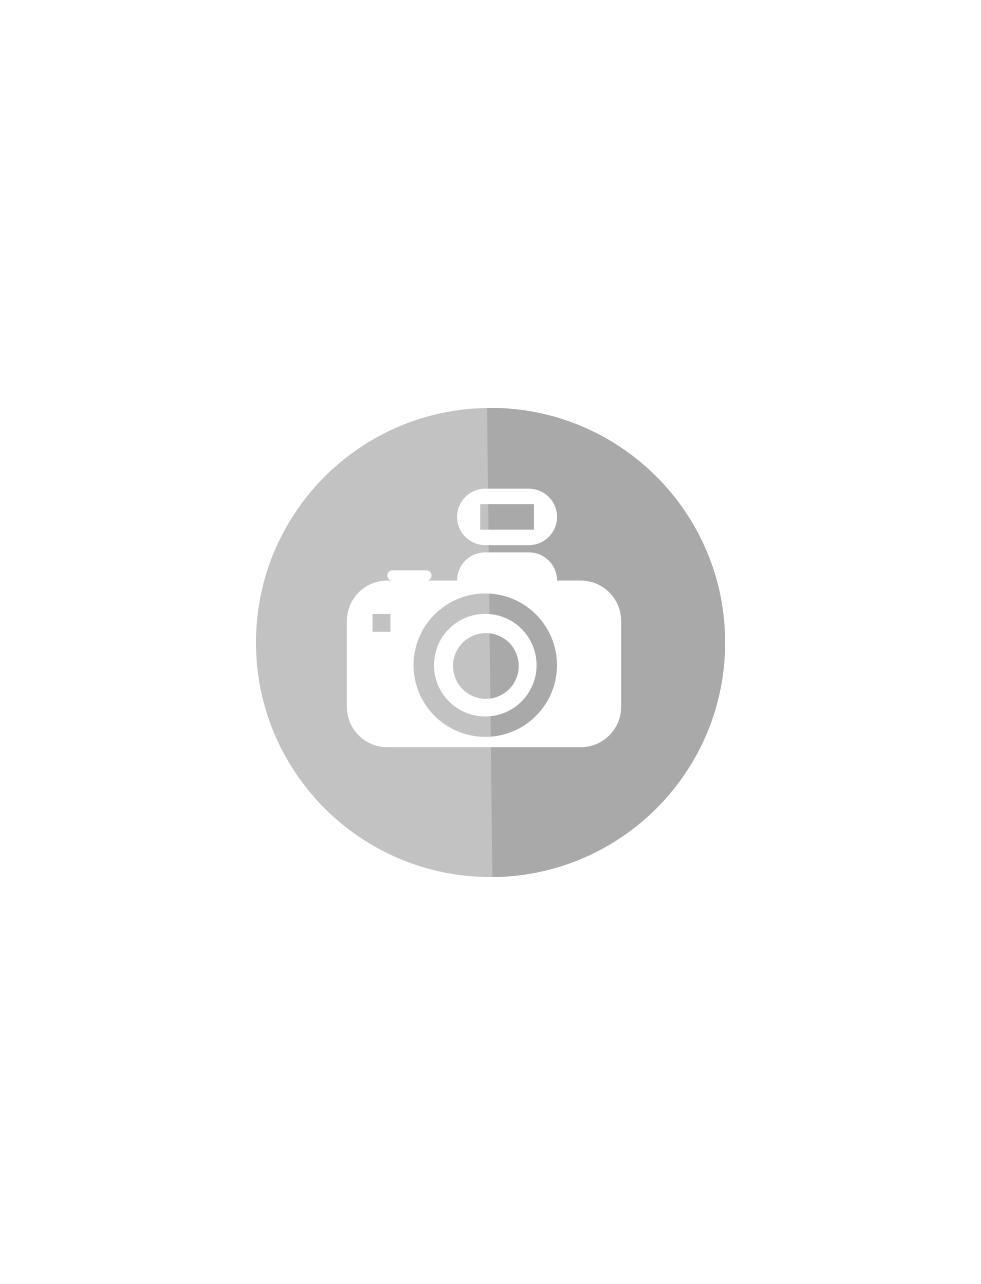 Playmobil  2 Bremskeile Für Anhänger Usw Bitte  Bilder Ansehen